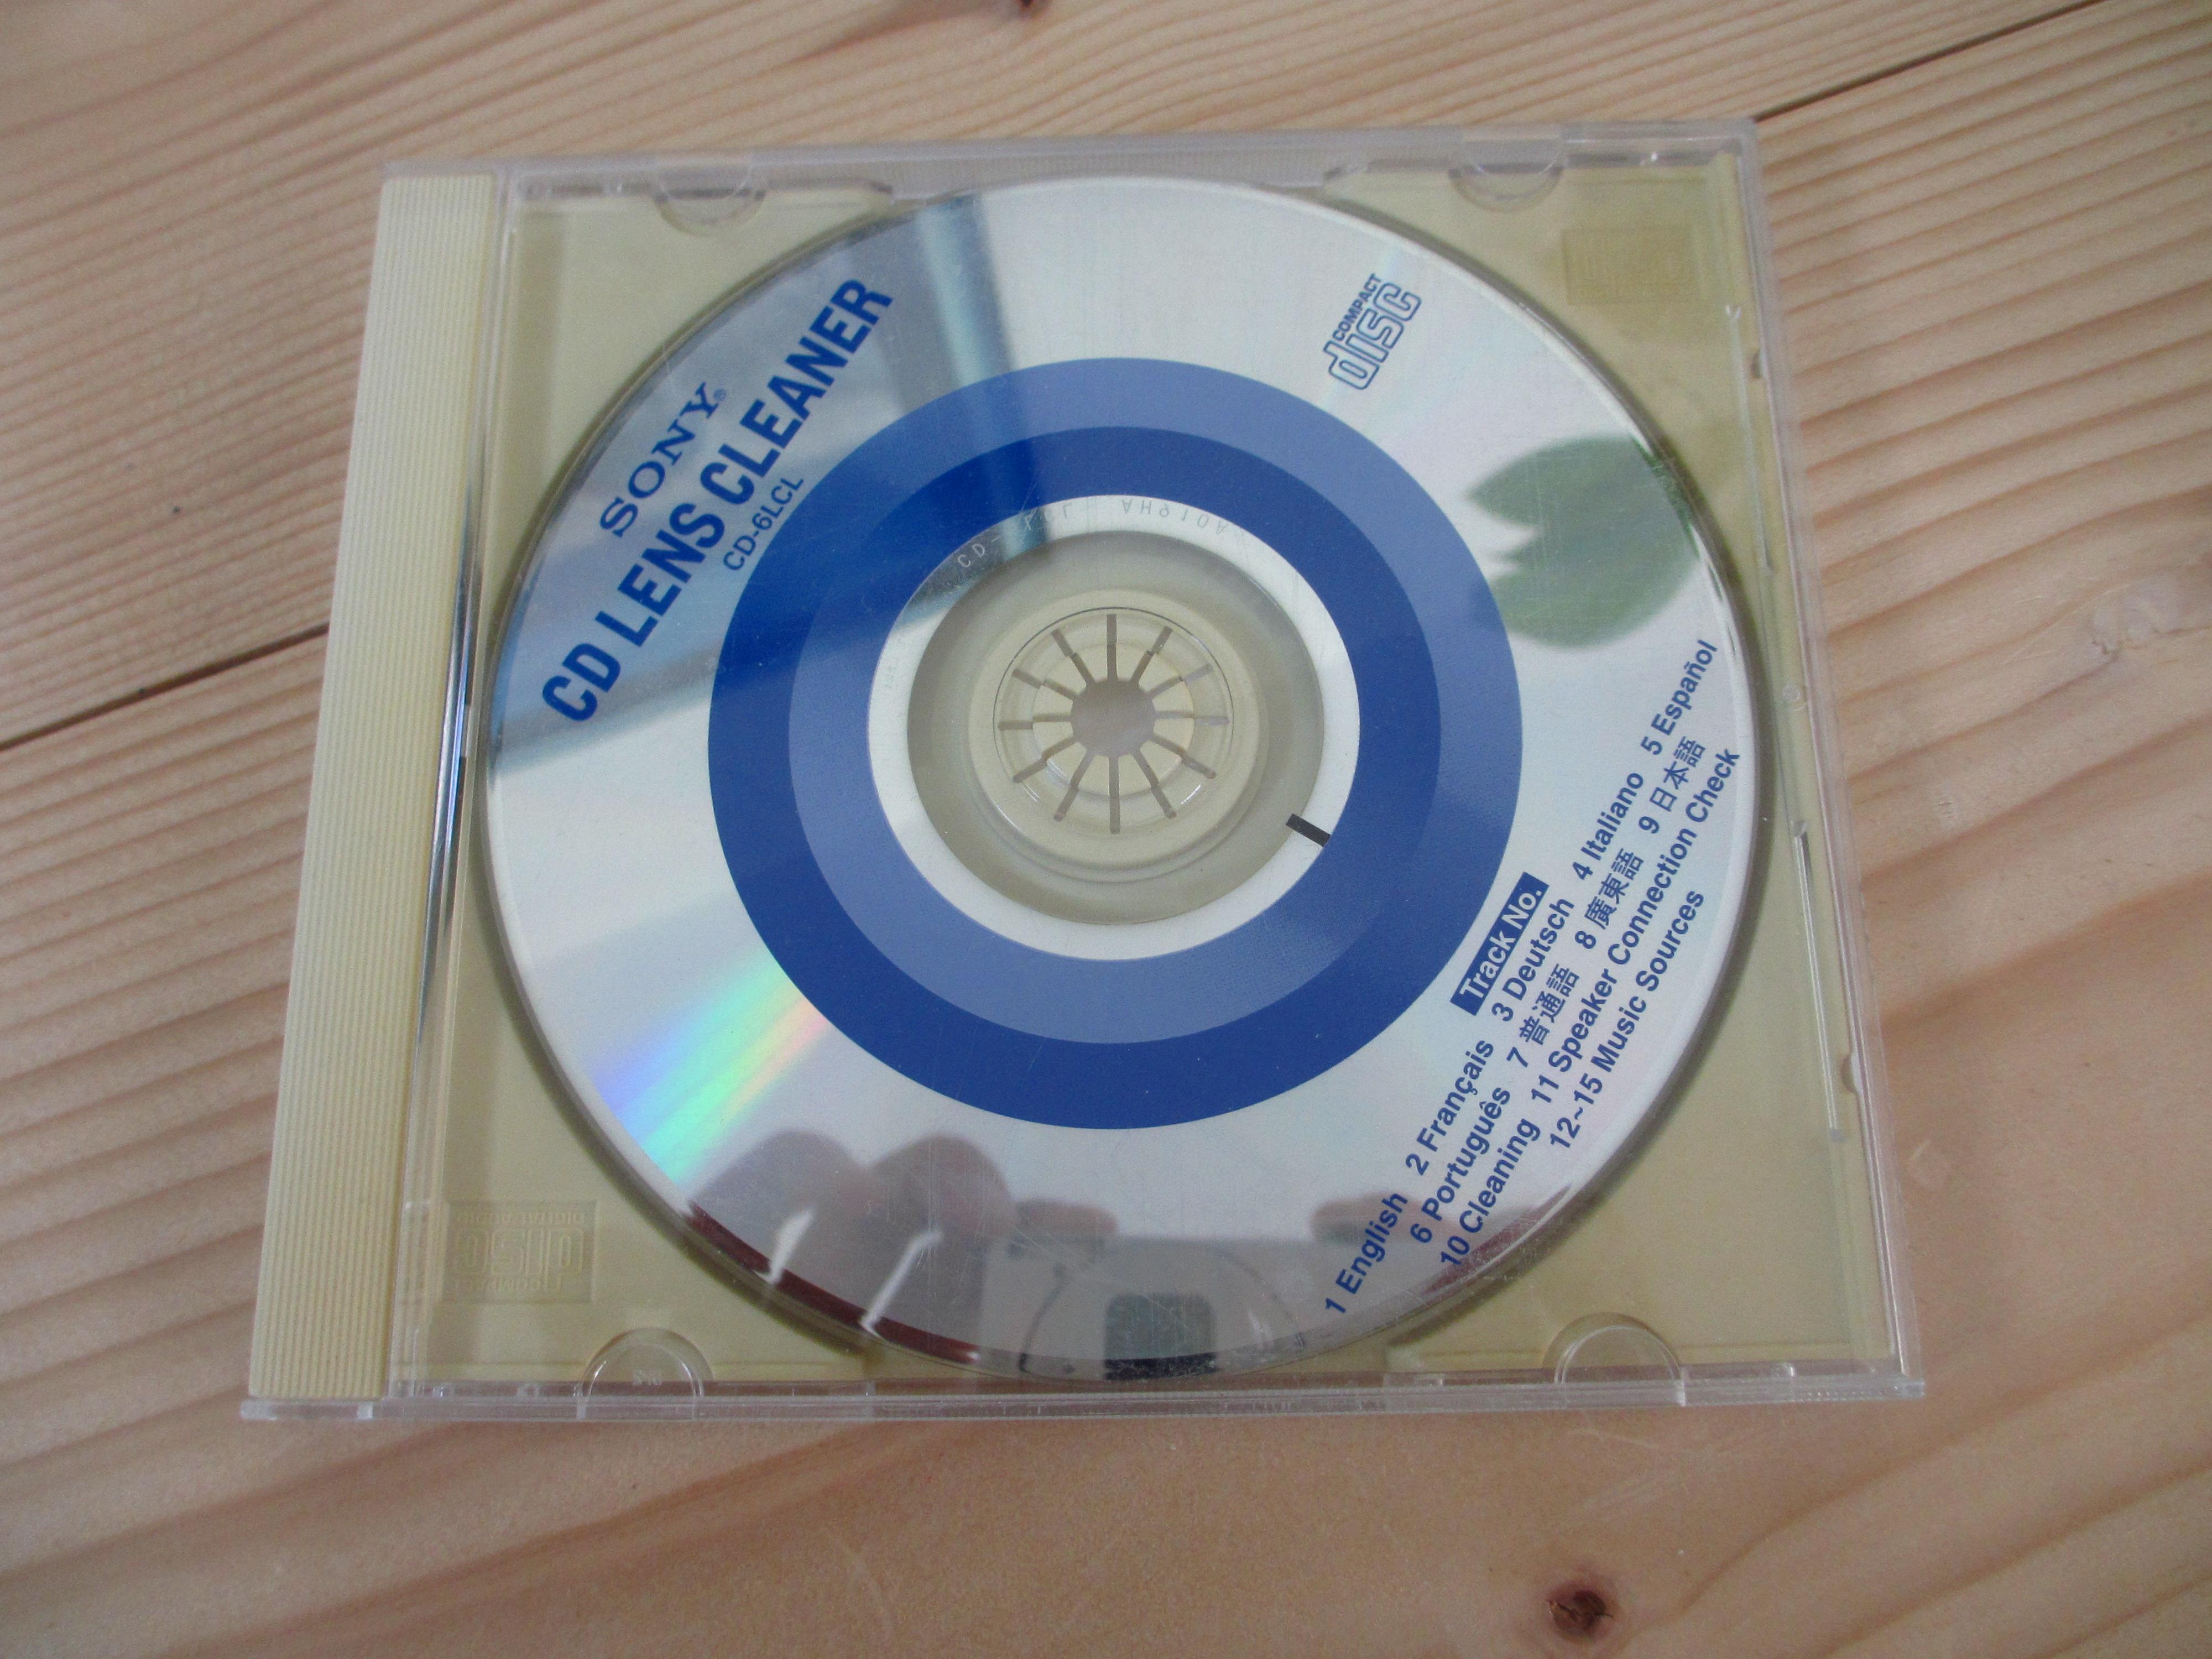 troc de troc cd de nettoyage image 0